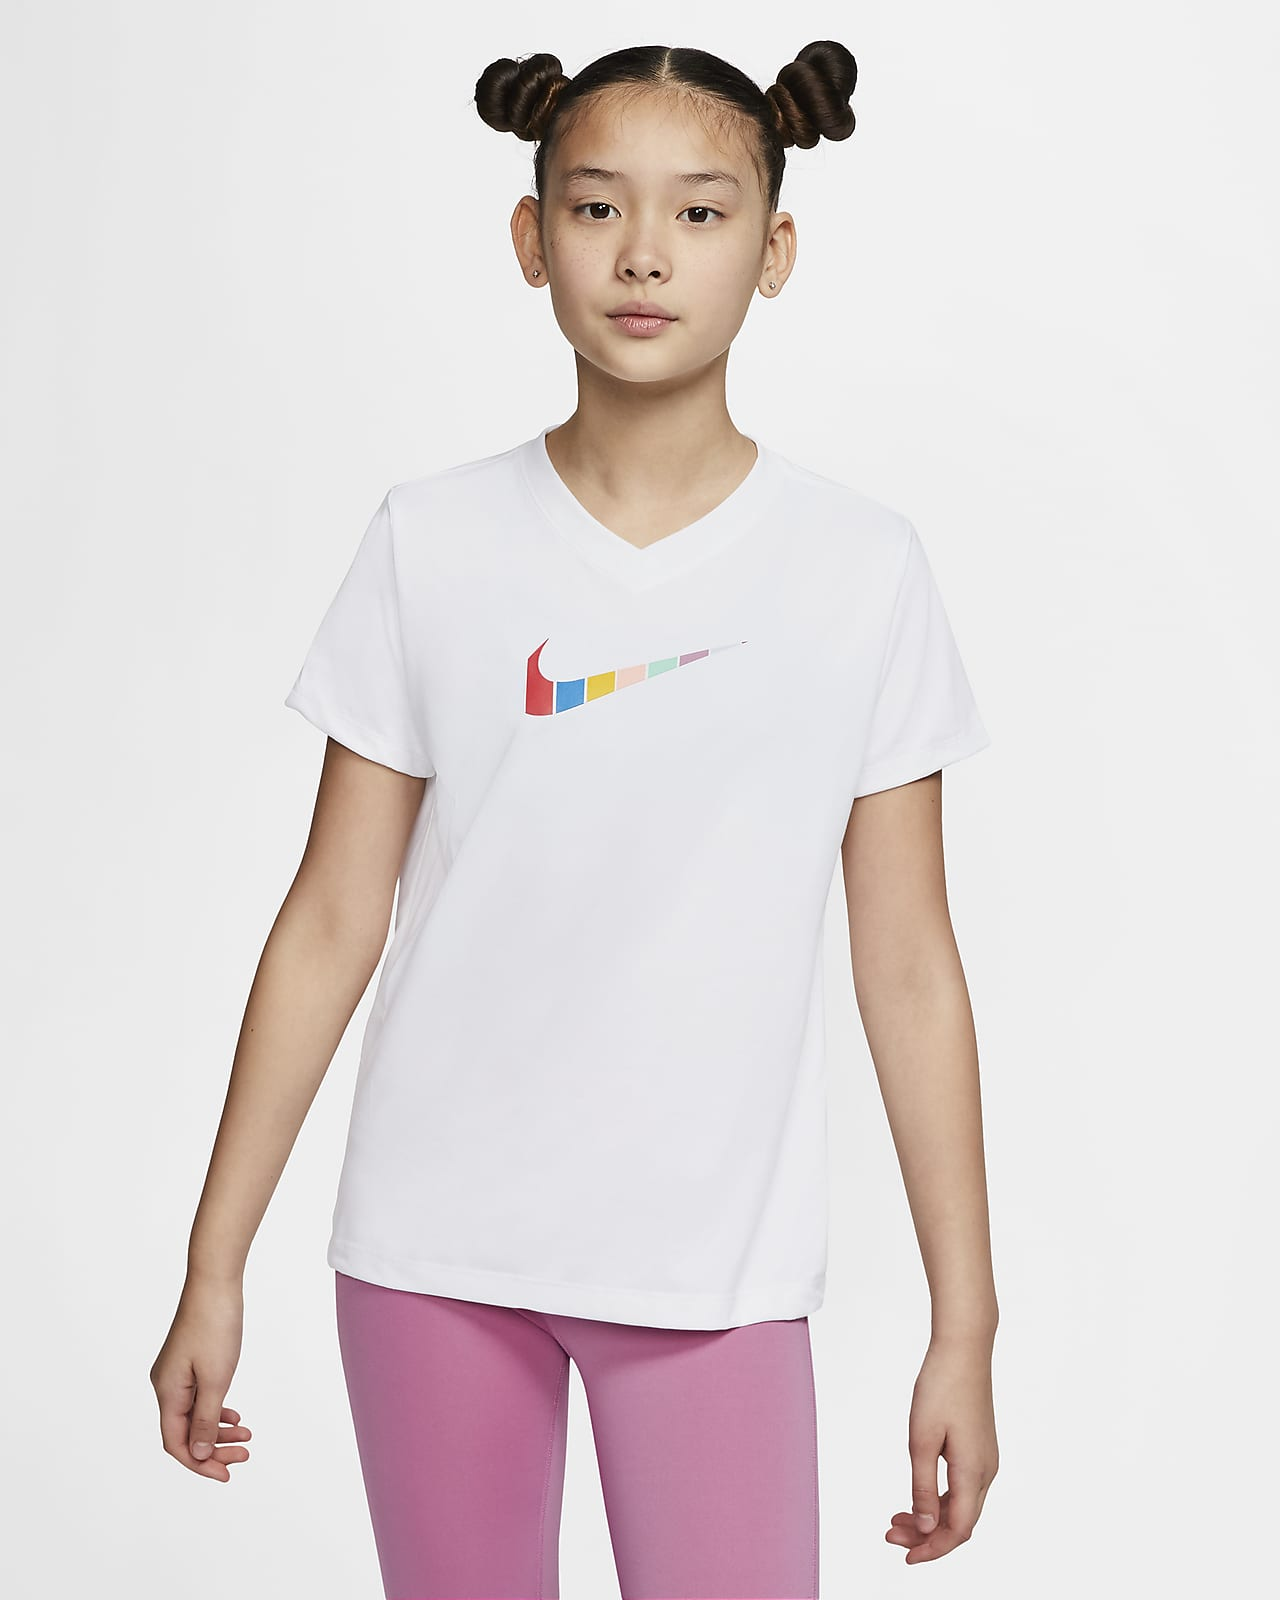 Nike Dri-FIT Big Kids' (Girls') T-Shirt